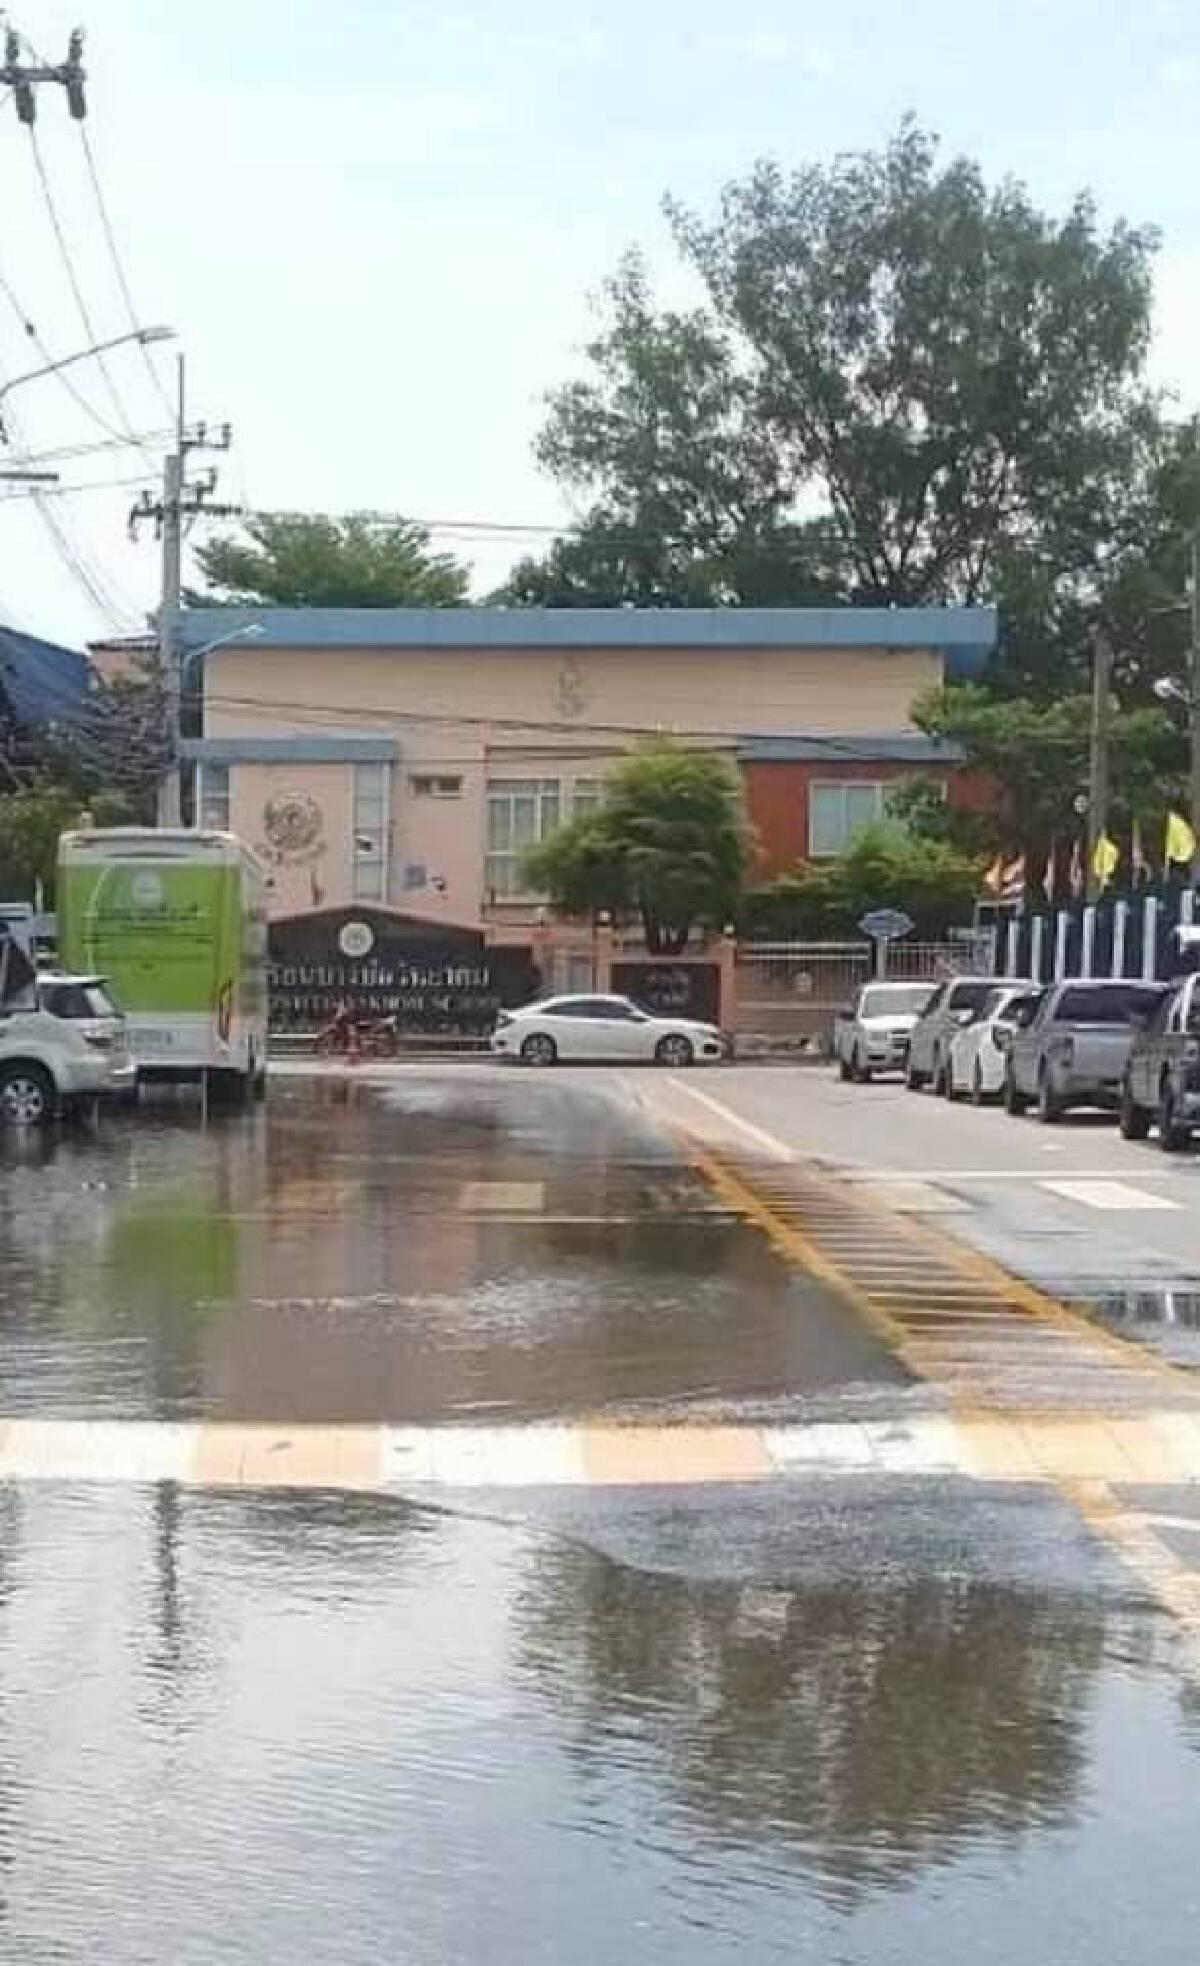 ชป.เร่งช่วยเหลือพื้นที่น้ำท่วม เตรียมรับฝนตกหนัก